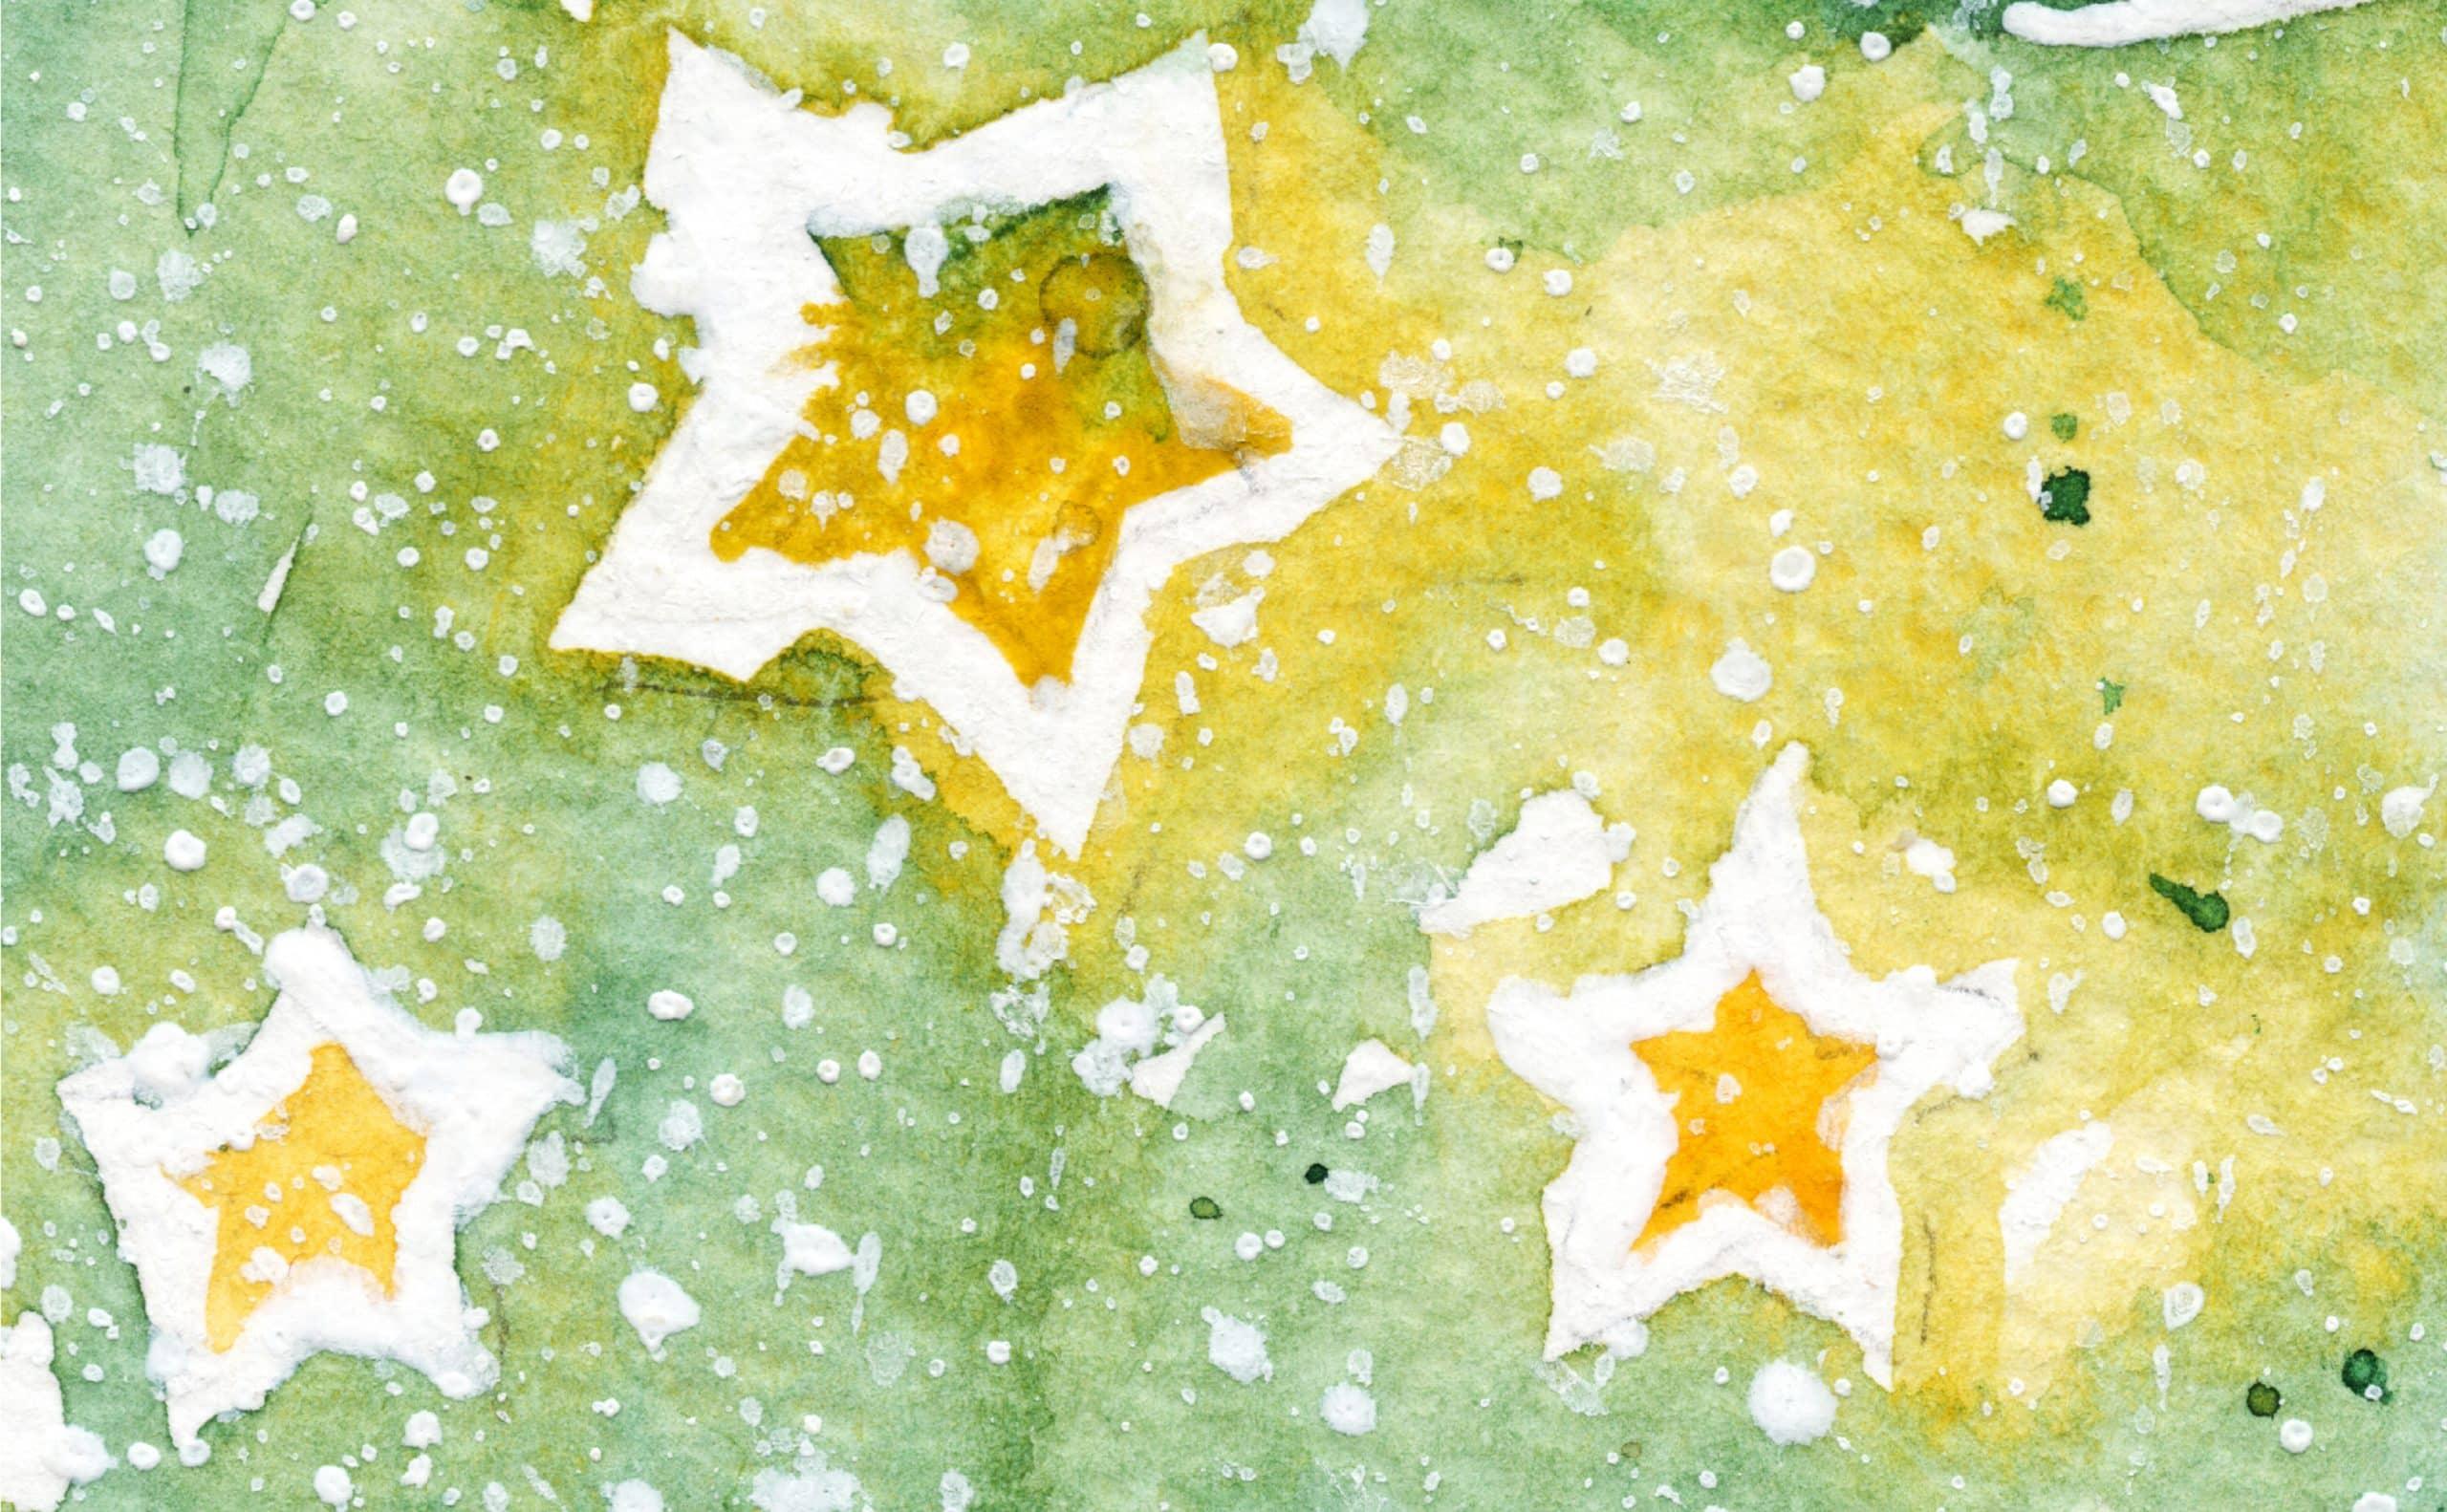 Weihnachtssprüche Gesundheit.Weihnachtssprüche Sprüche Zu Weihnachten Briefeguru